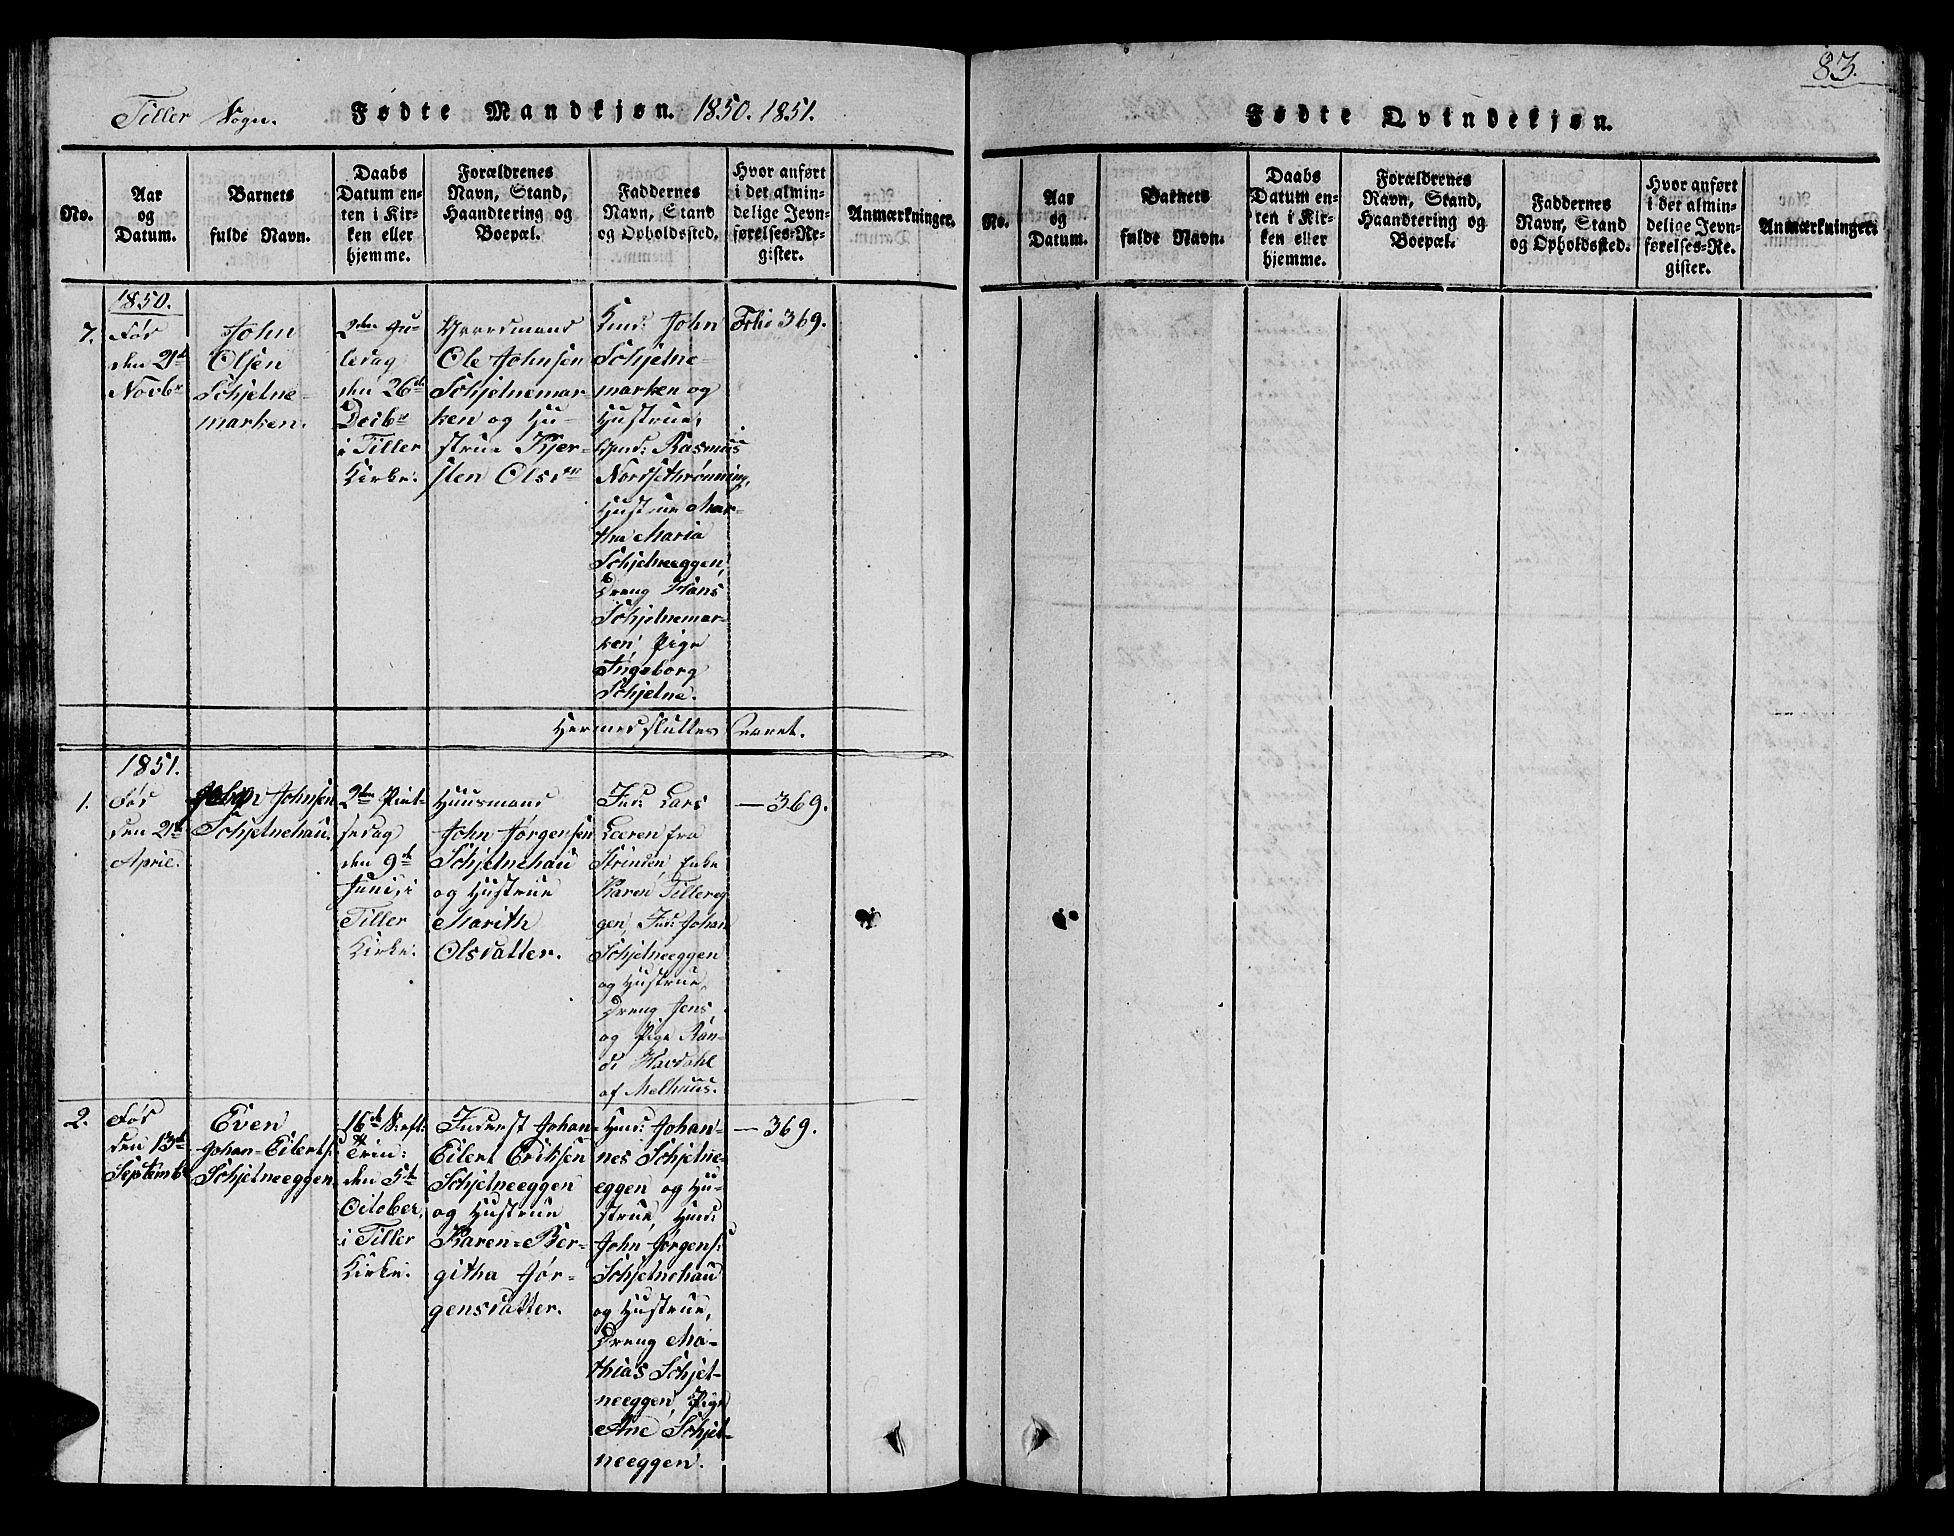 SAT, Ministerialprotokoller, klokkerbøker og fødselsregistre - Sør-Trøndelag, 621/L0458: Klokkerbok nr. 621C01, 1816-1865, s. 83